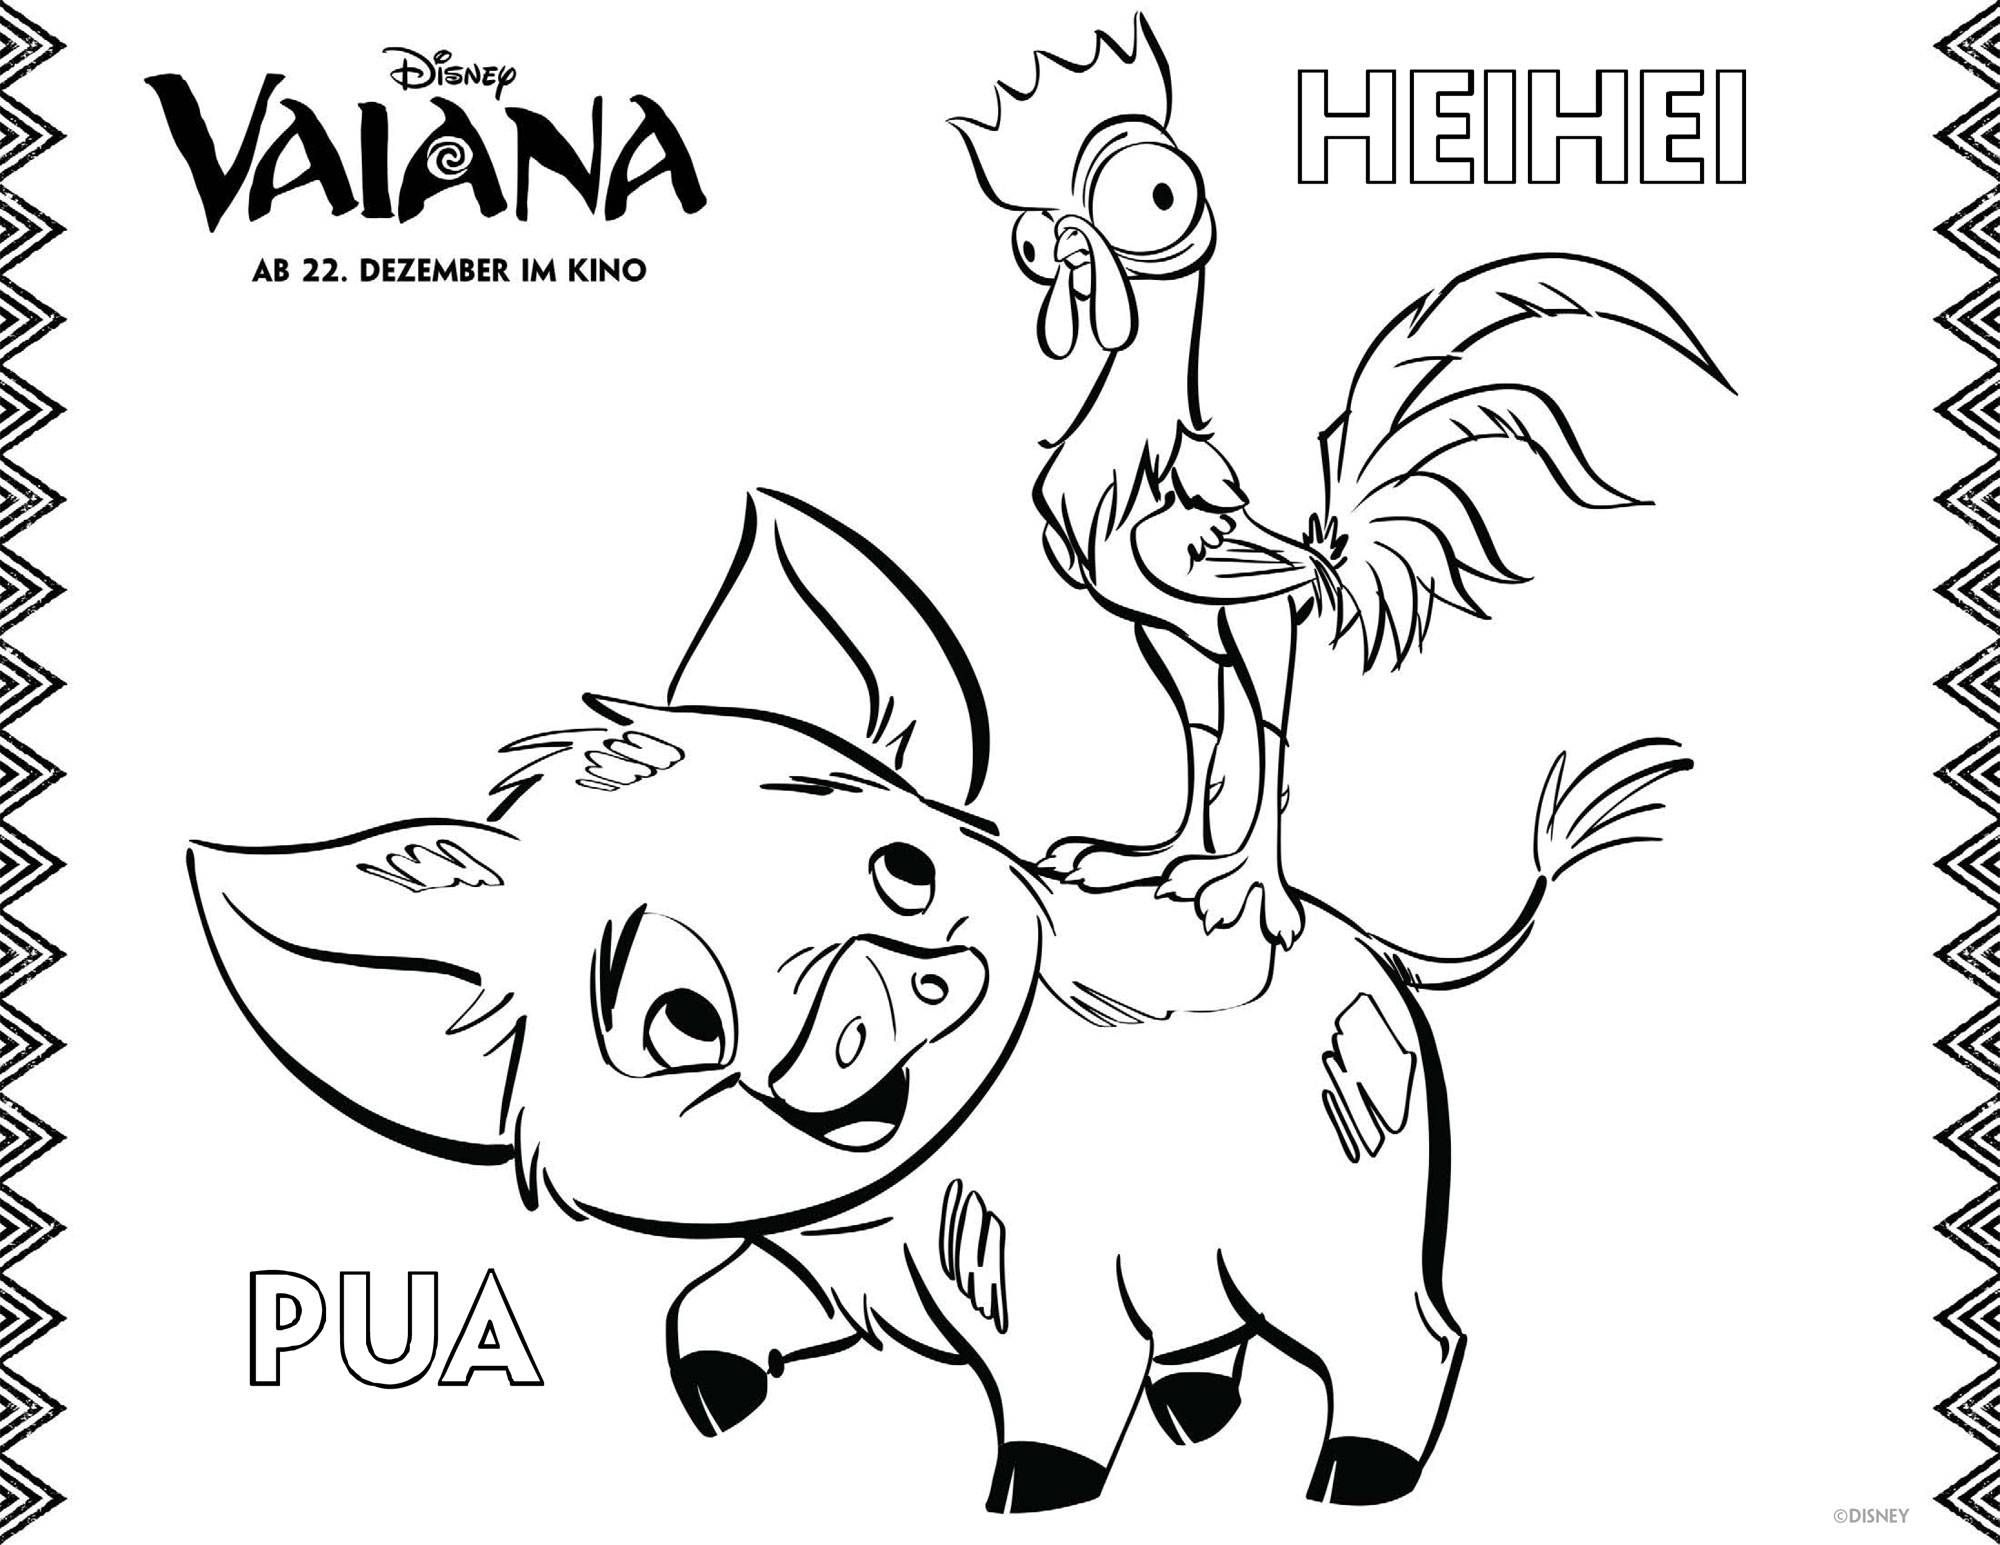 Ausmalbilder Vaiana Pua und Heihei Kostenlose